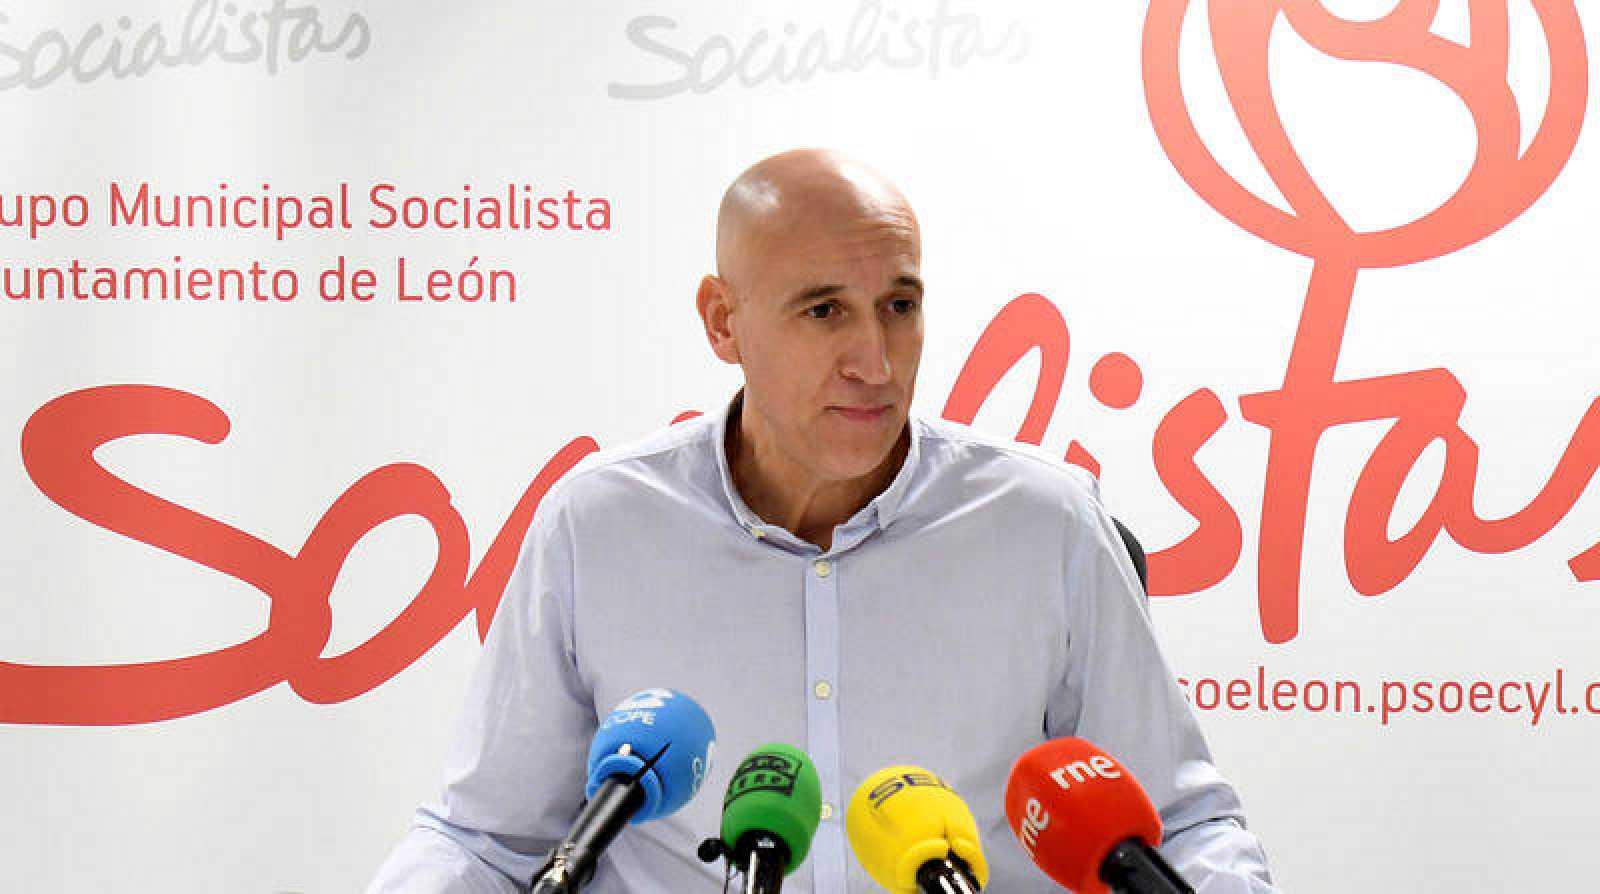 Imagen de archivo del candidato socialista al Ayuntamiento de León,JoséAntonioDiez.